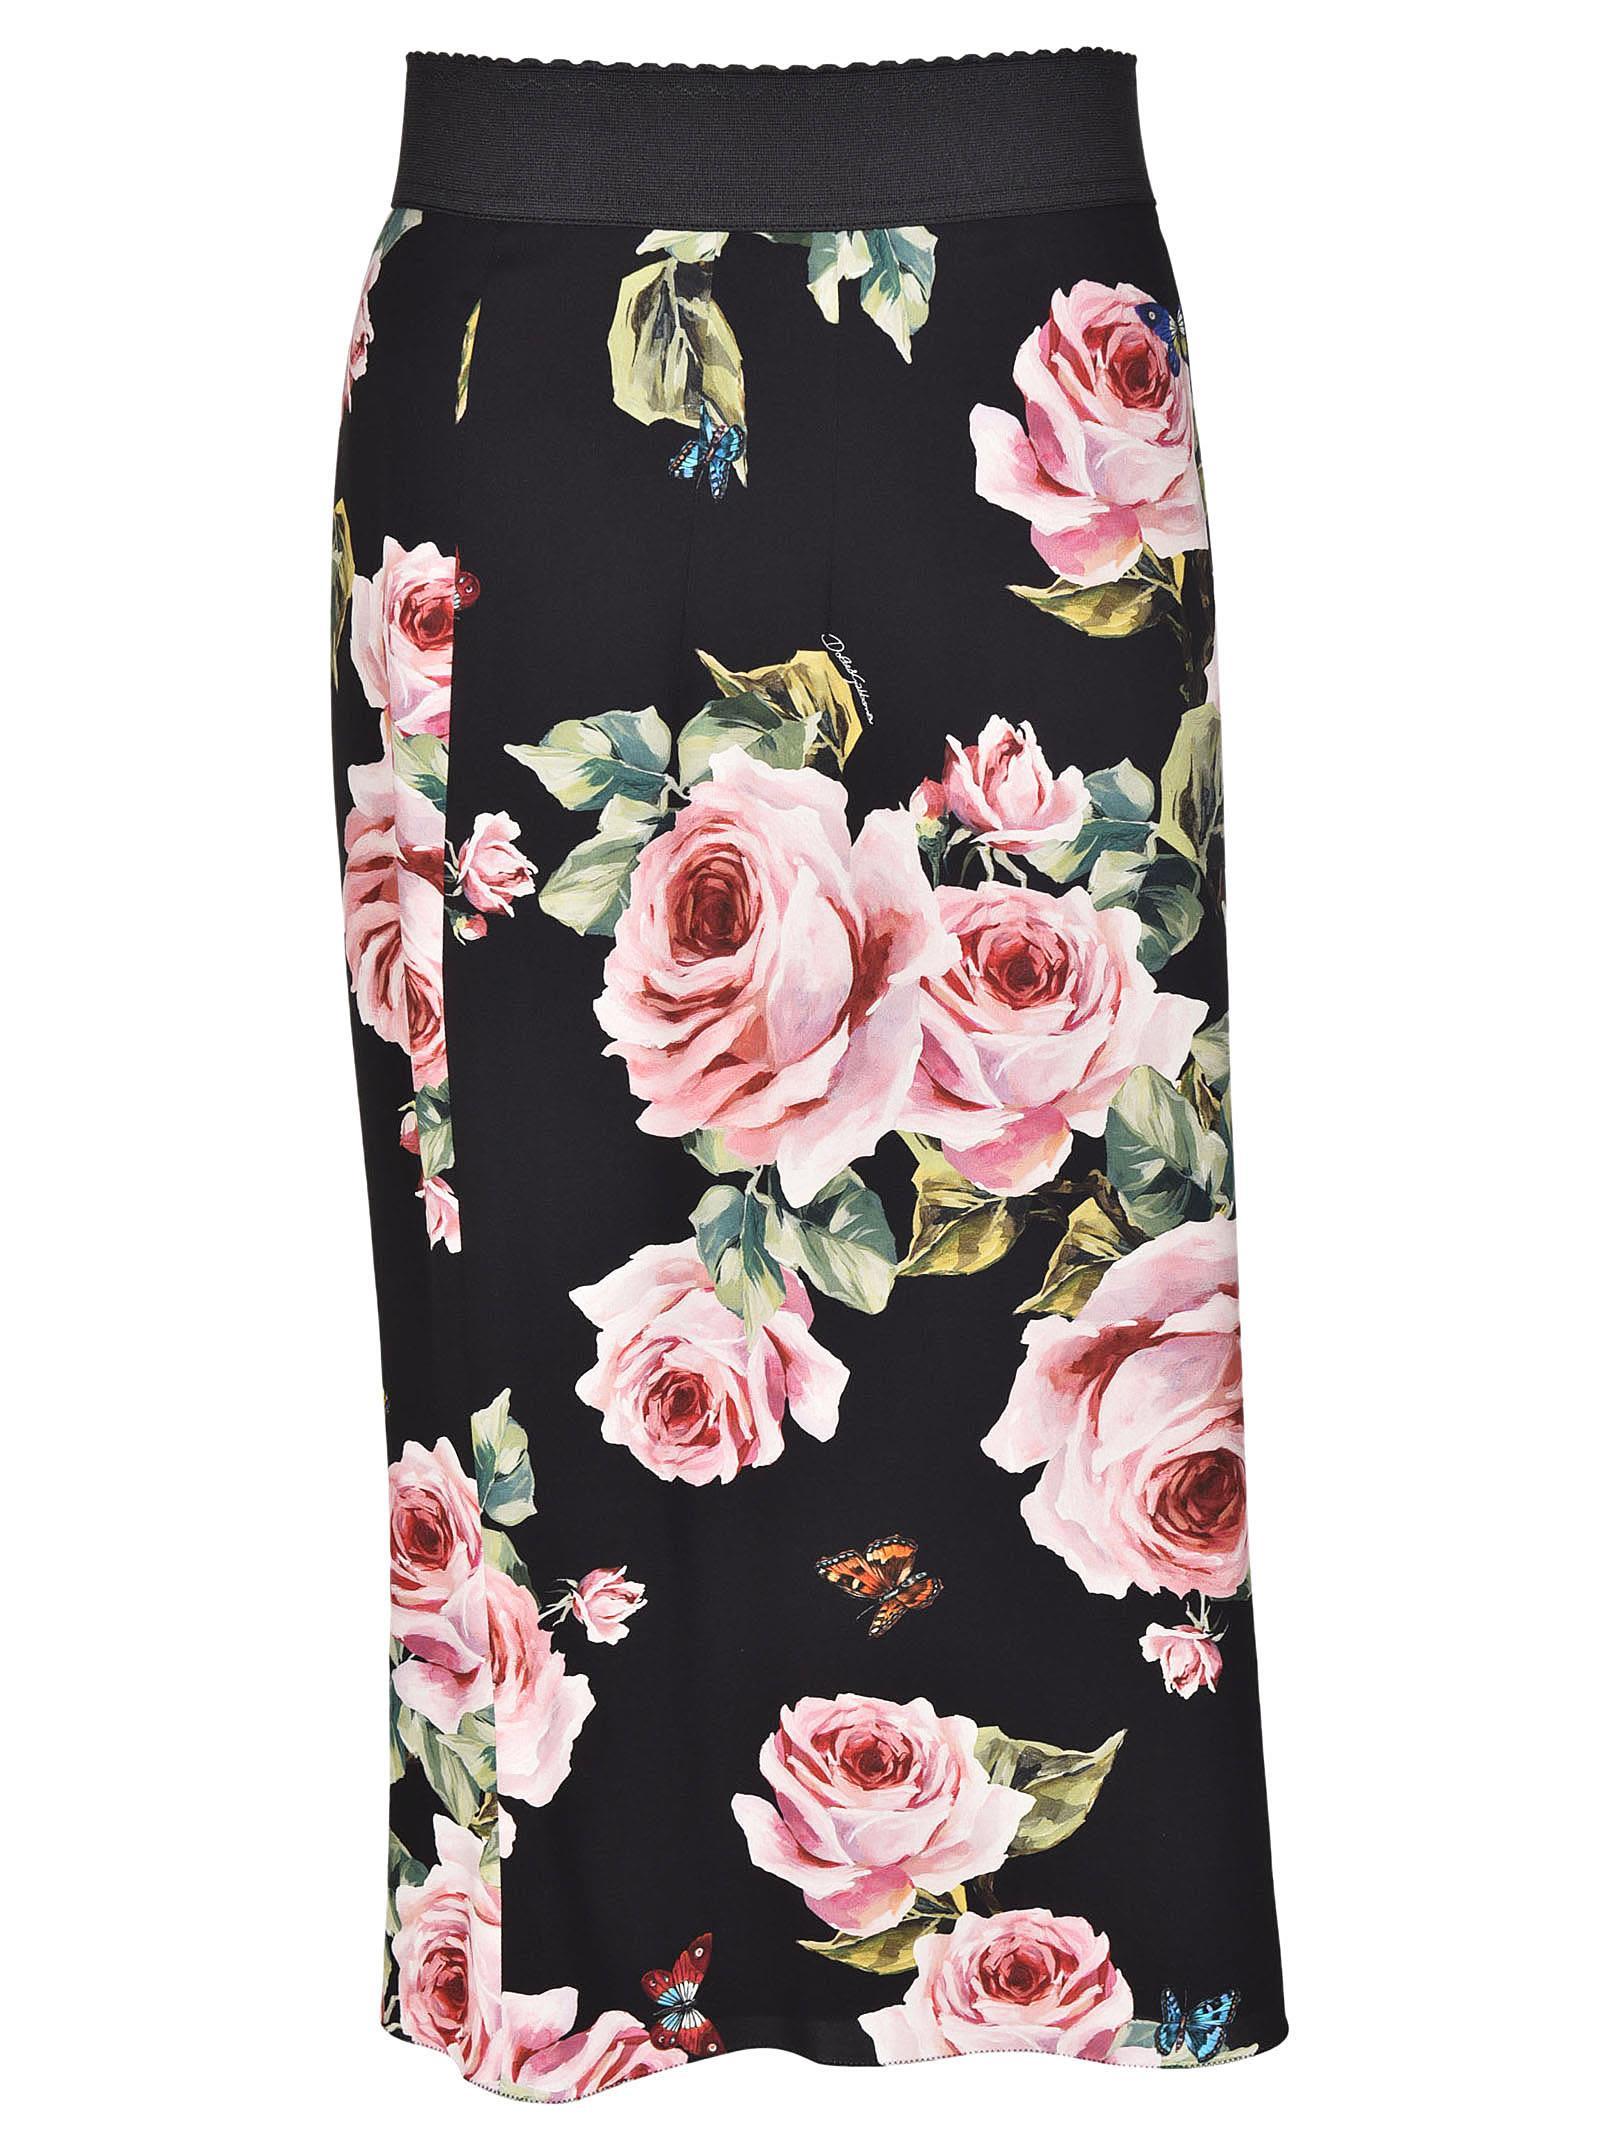 Dolce & Gabbana Tube Skirt